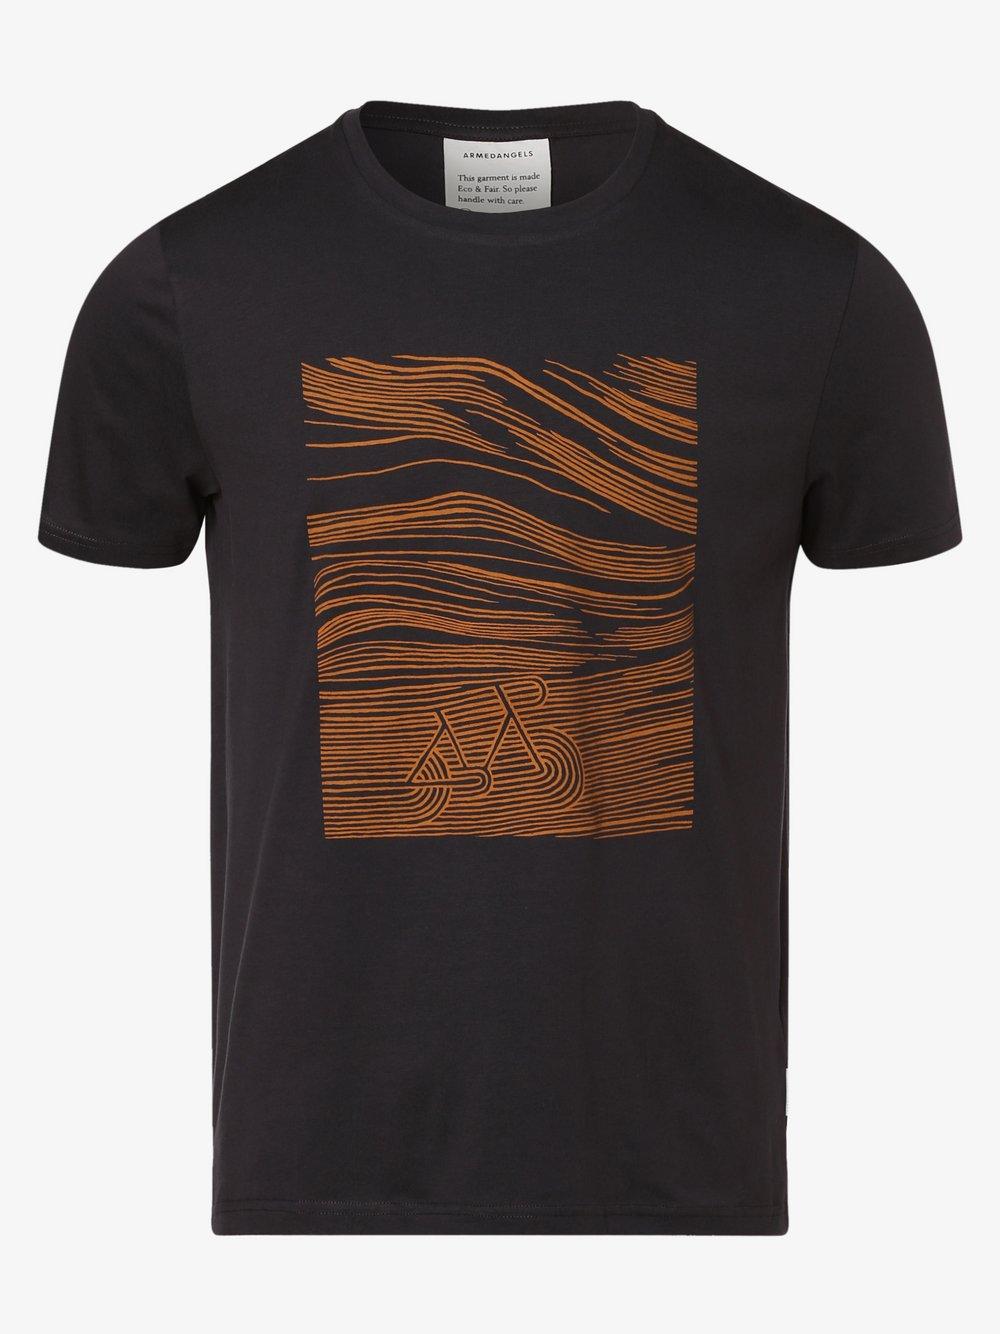 ARMEDANGELS - T-shirt męski – Jaames Bicycle, szary